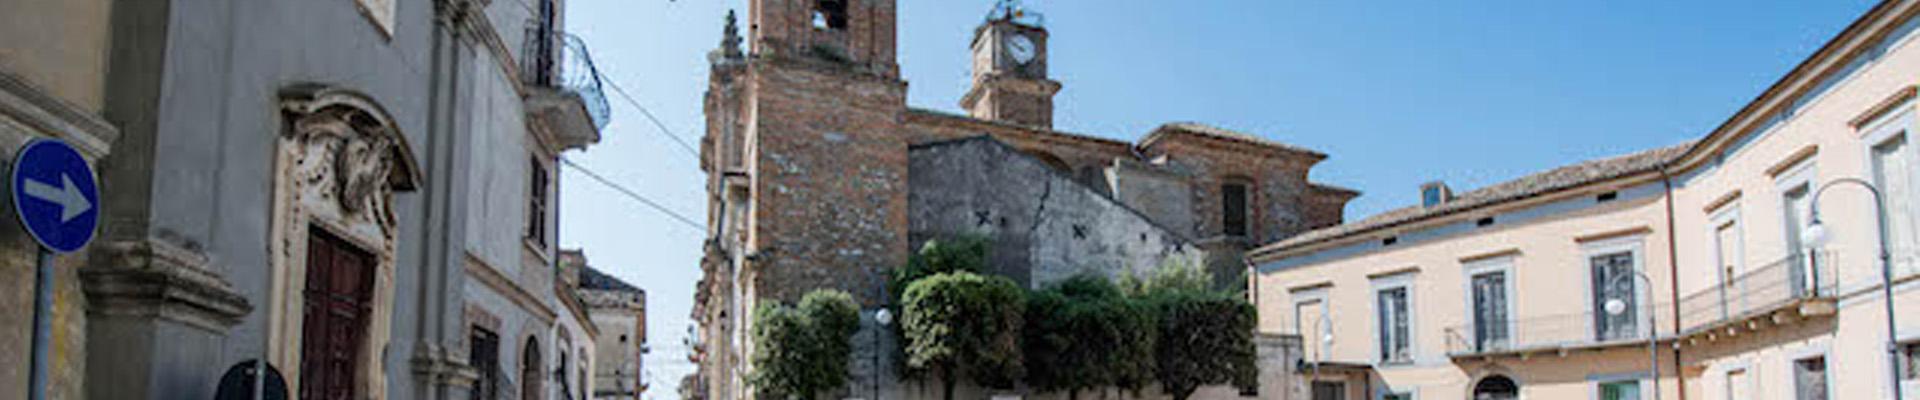 Immagine Piazza Castel Frentano